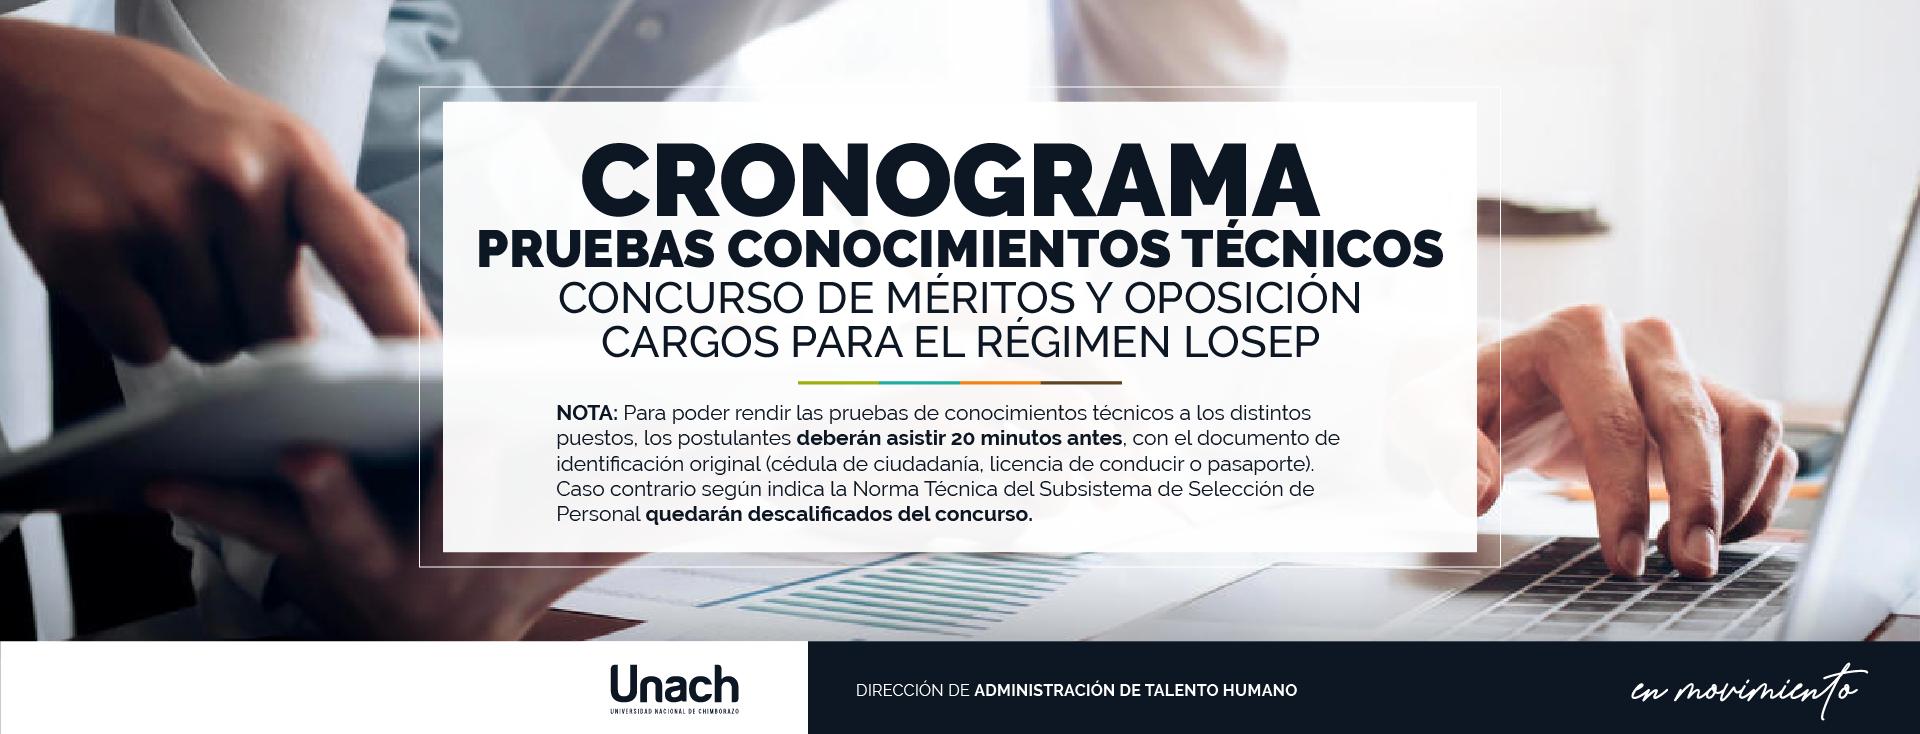 CRONOGRAMA PRUEBAS CONOCIMIENTOS TÉCNICOS